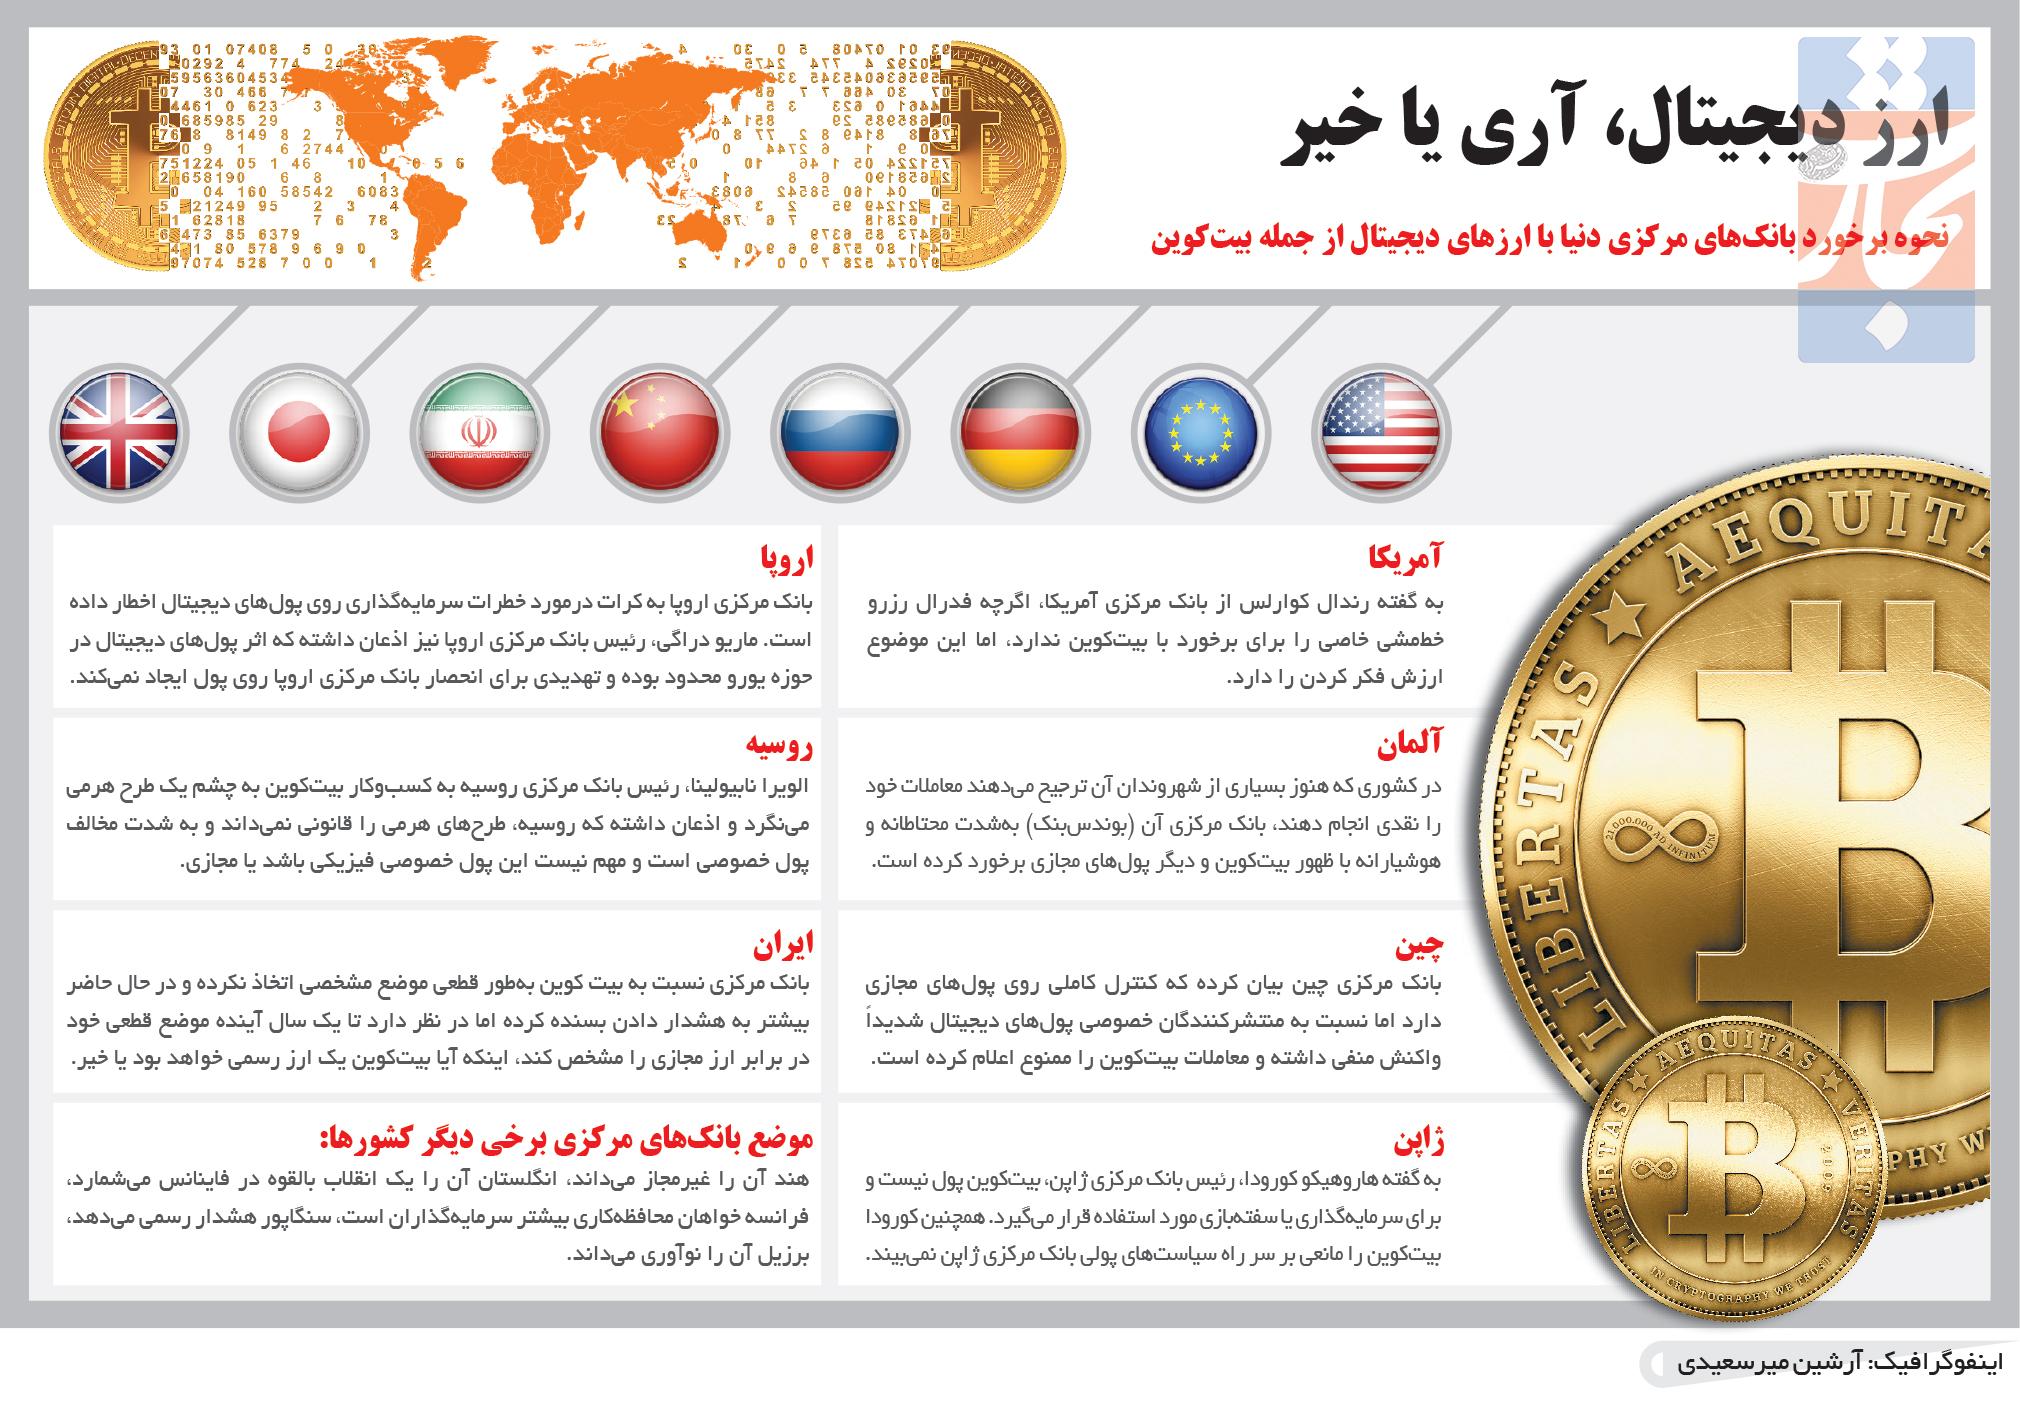 تجارت فردا- اینفوگرافیک-ارز دیجیتال، آری یا خیر